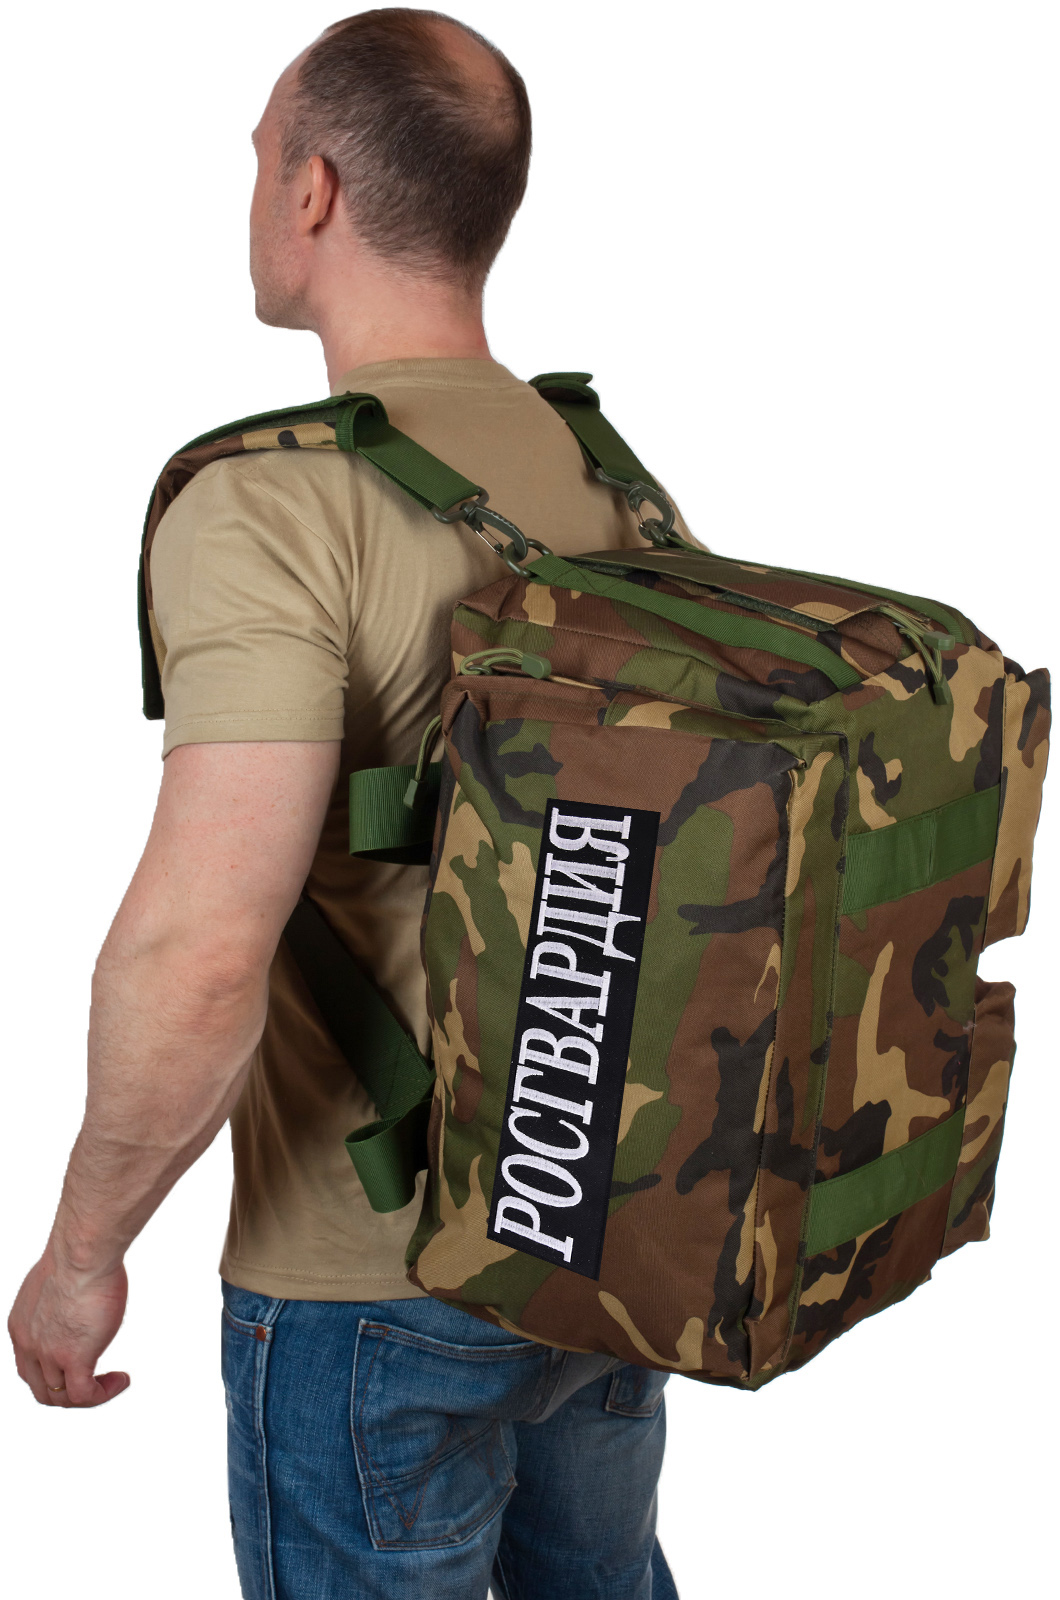 Купить армейскую дорожную сумку (камуфляж Woodland) с нашивкой Росгвардия с доставкой онлайн